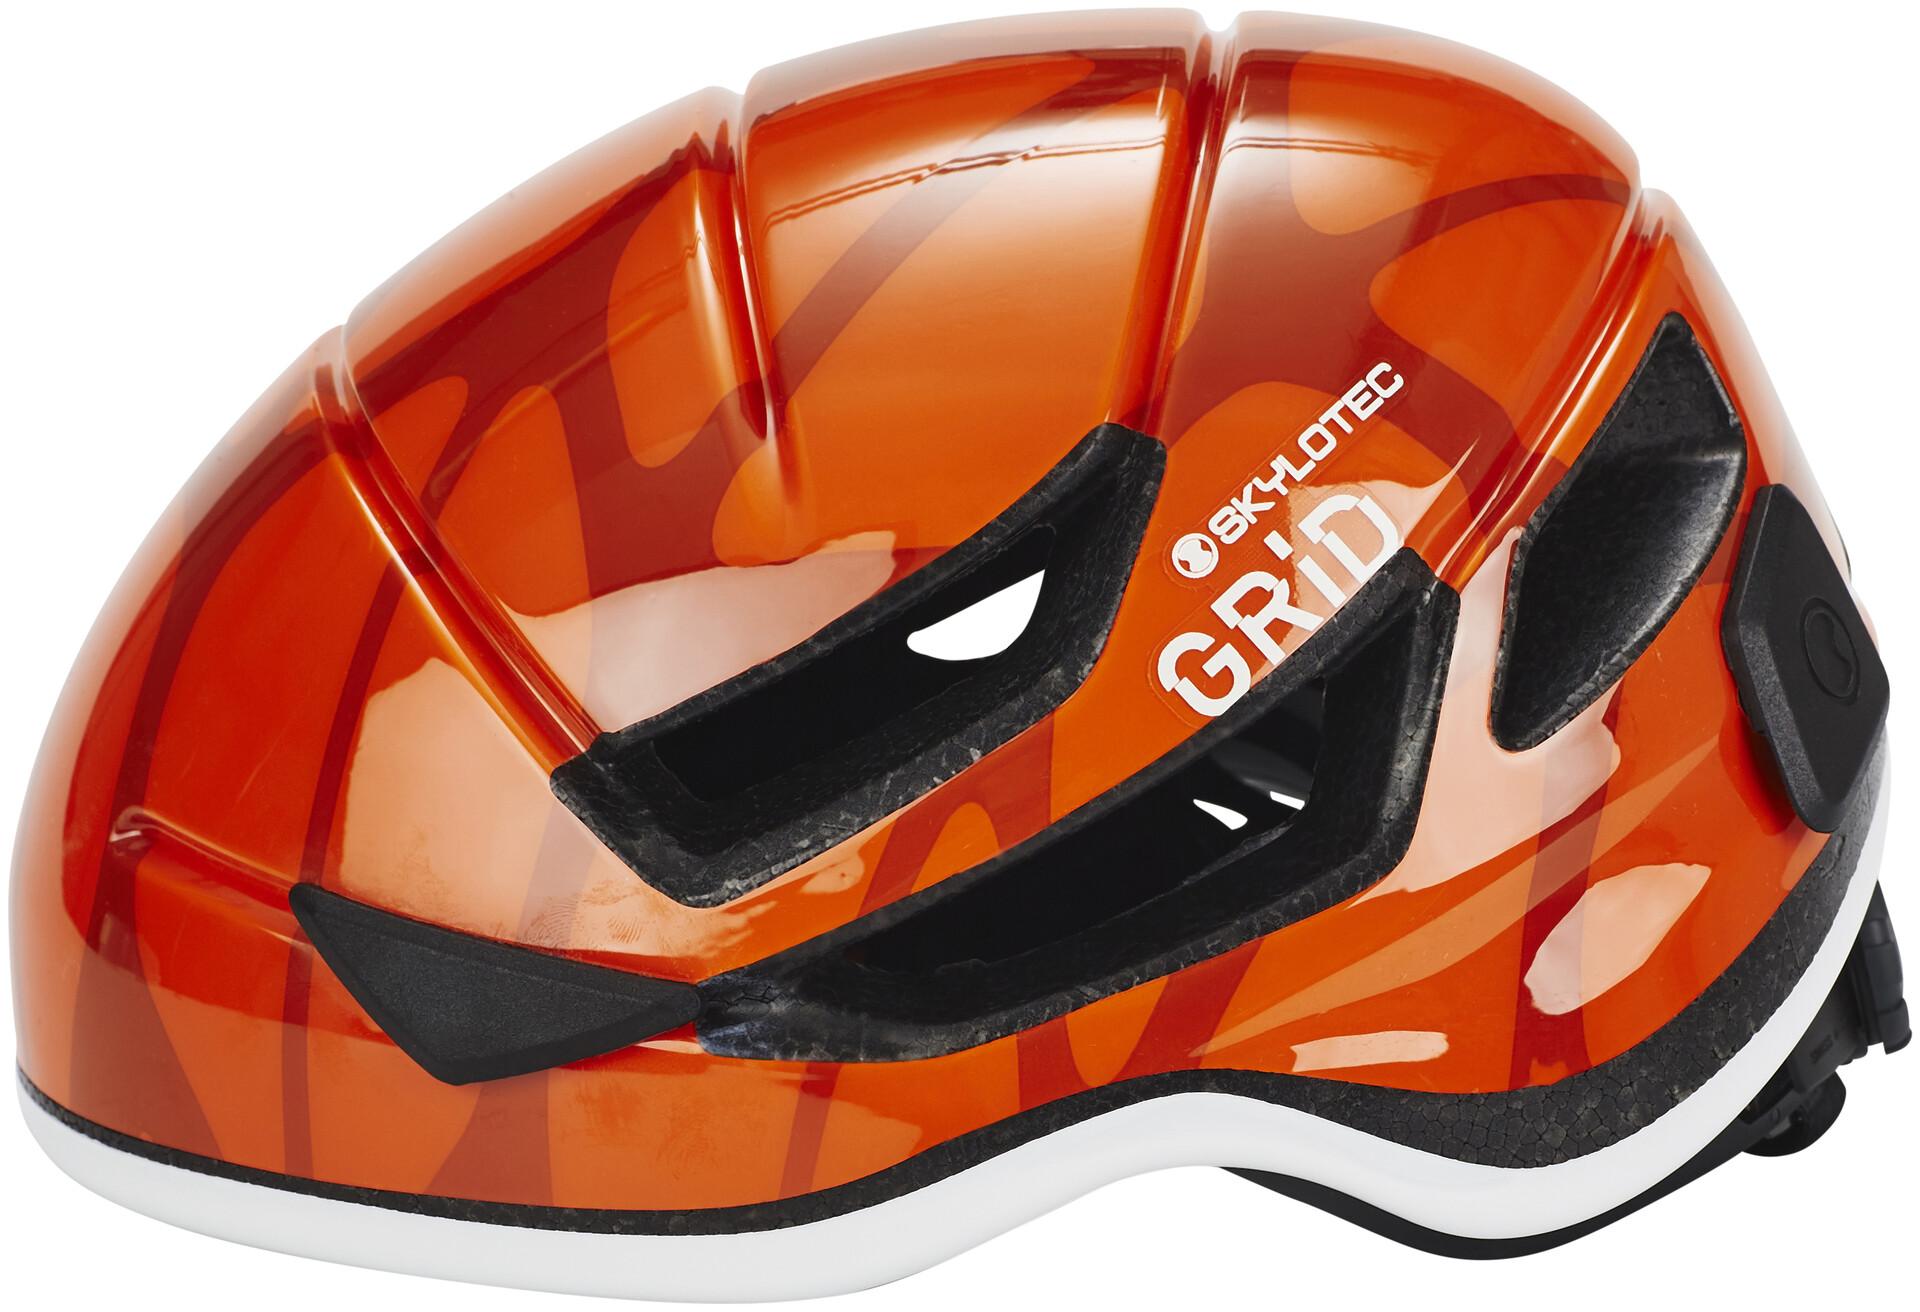 Skylotec Klettergurt Petzl : Skylotec grid vent helmet orange campz at